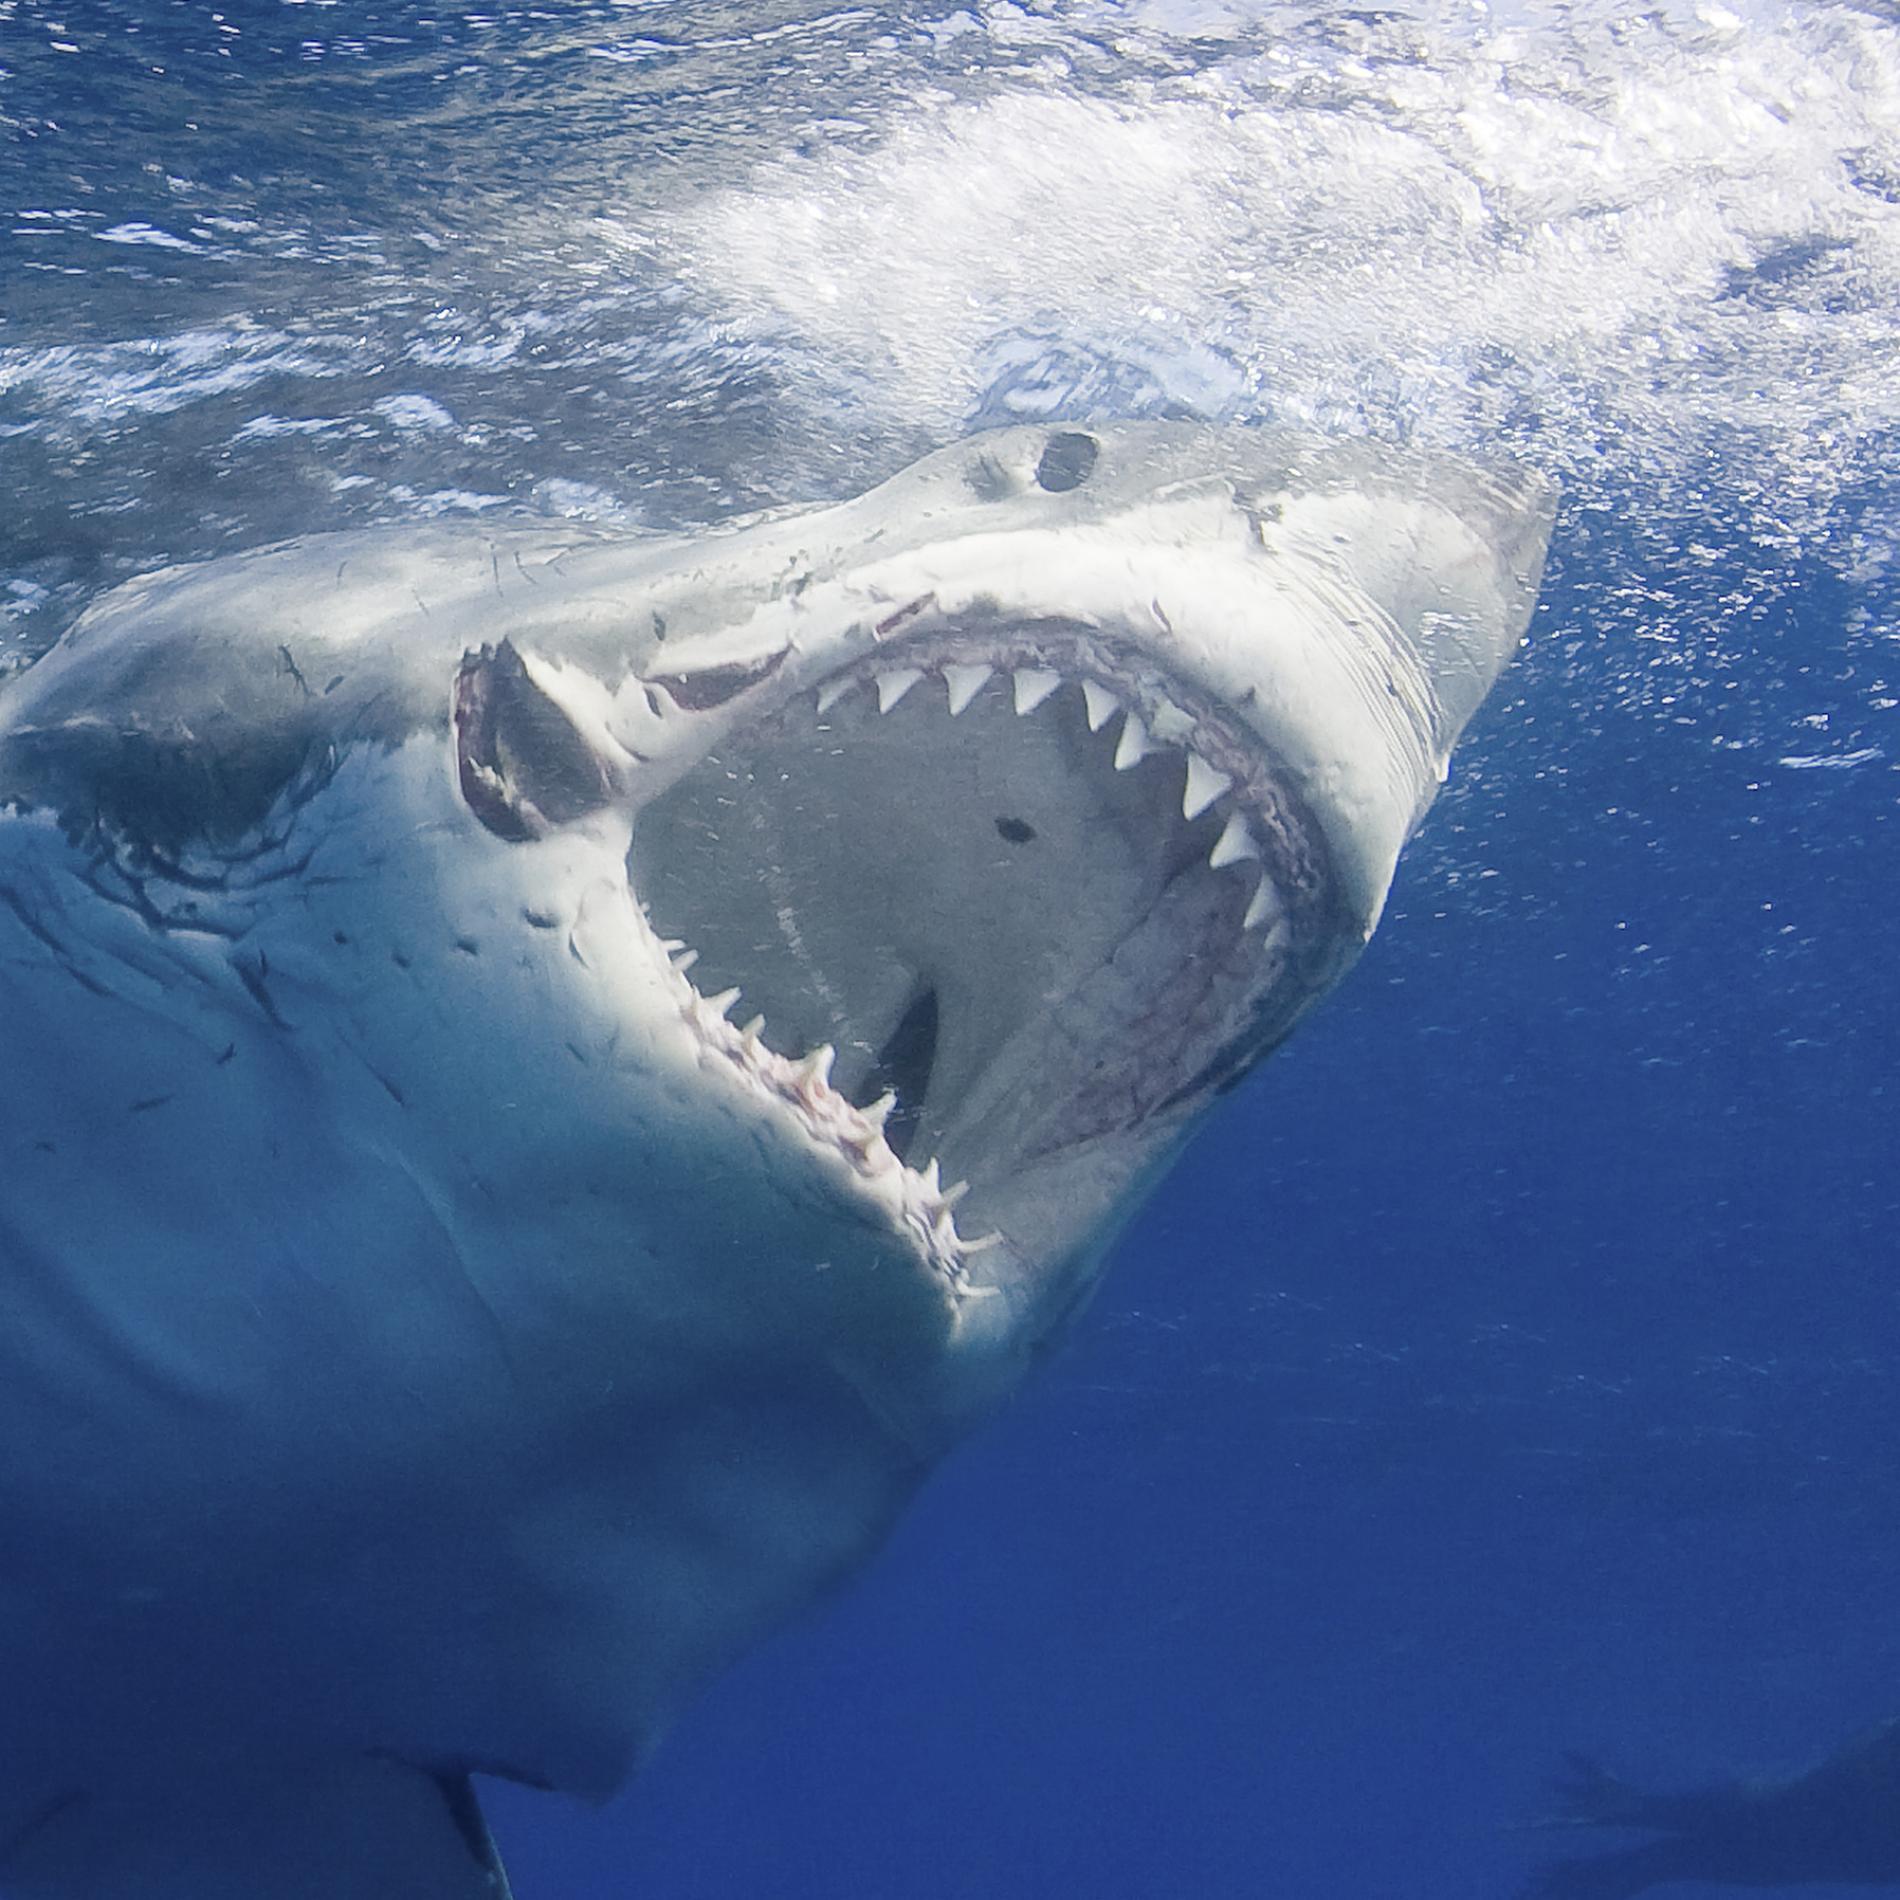 Tưởng đứng đầu chuỗi thức ăn nhưng cá mập trắng thực sự phải sợ hãi bỏ chạy trước loài vật này - Ảnh 1.